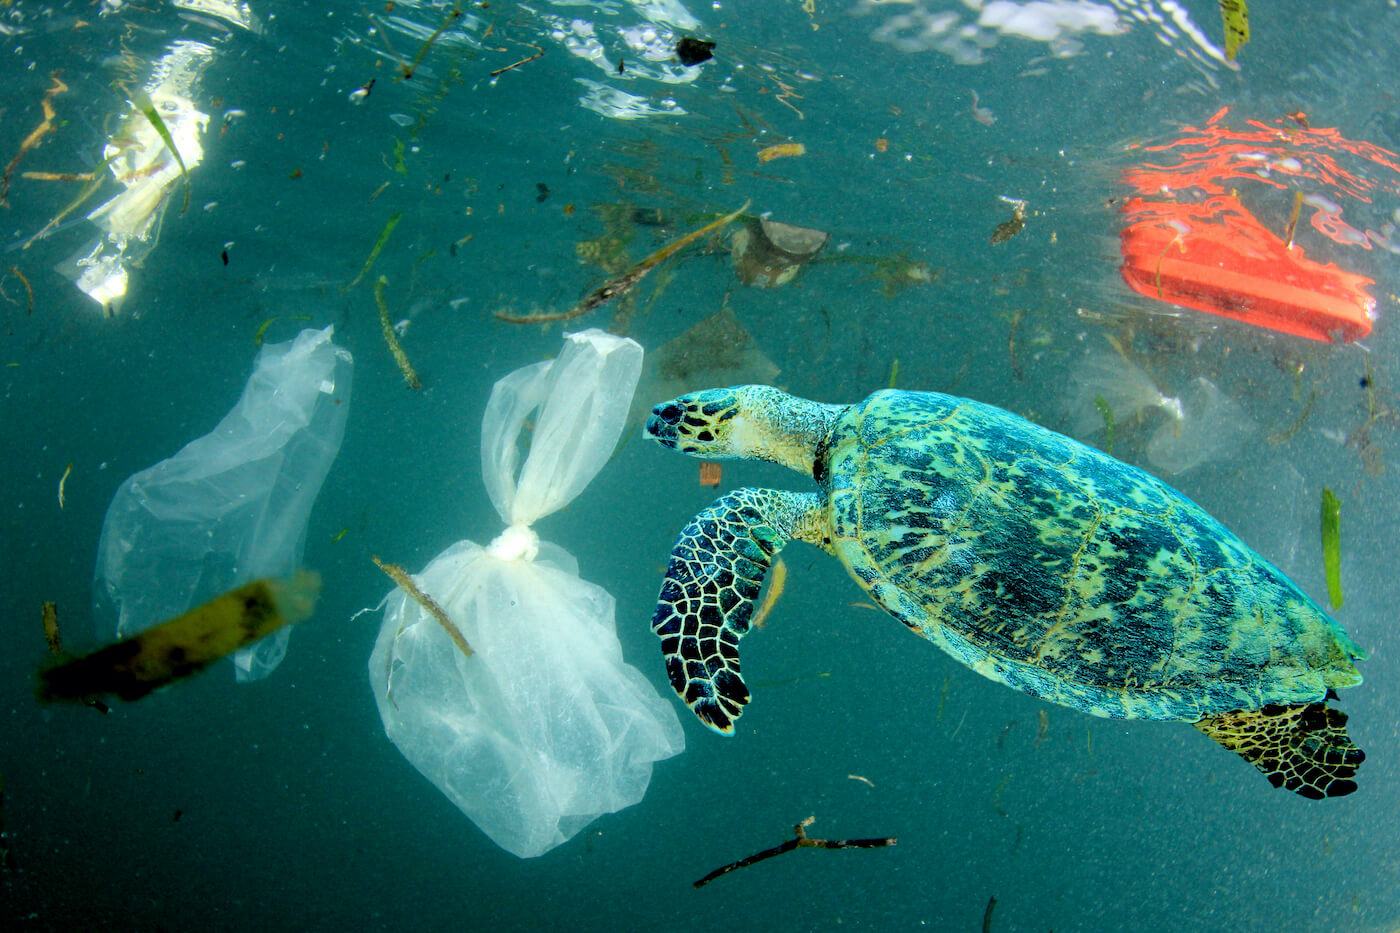 増え続ける海洋ごみ】今さら聞けない海洋ごみ問題。私たちに何ができる ...